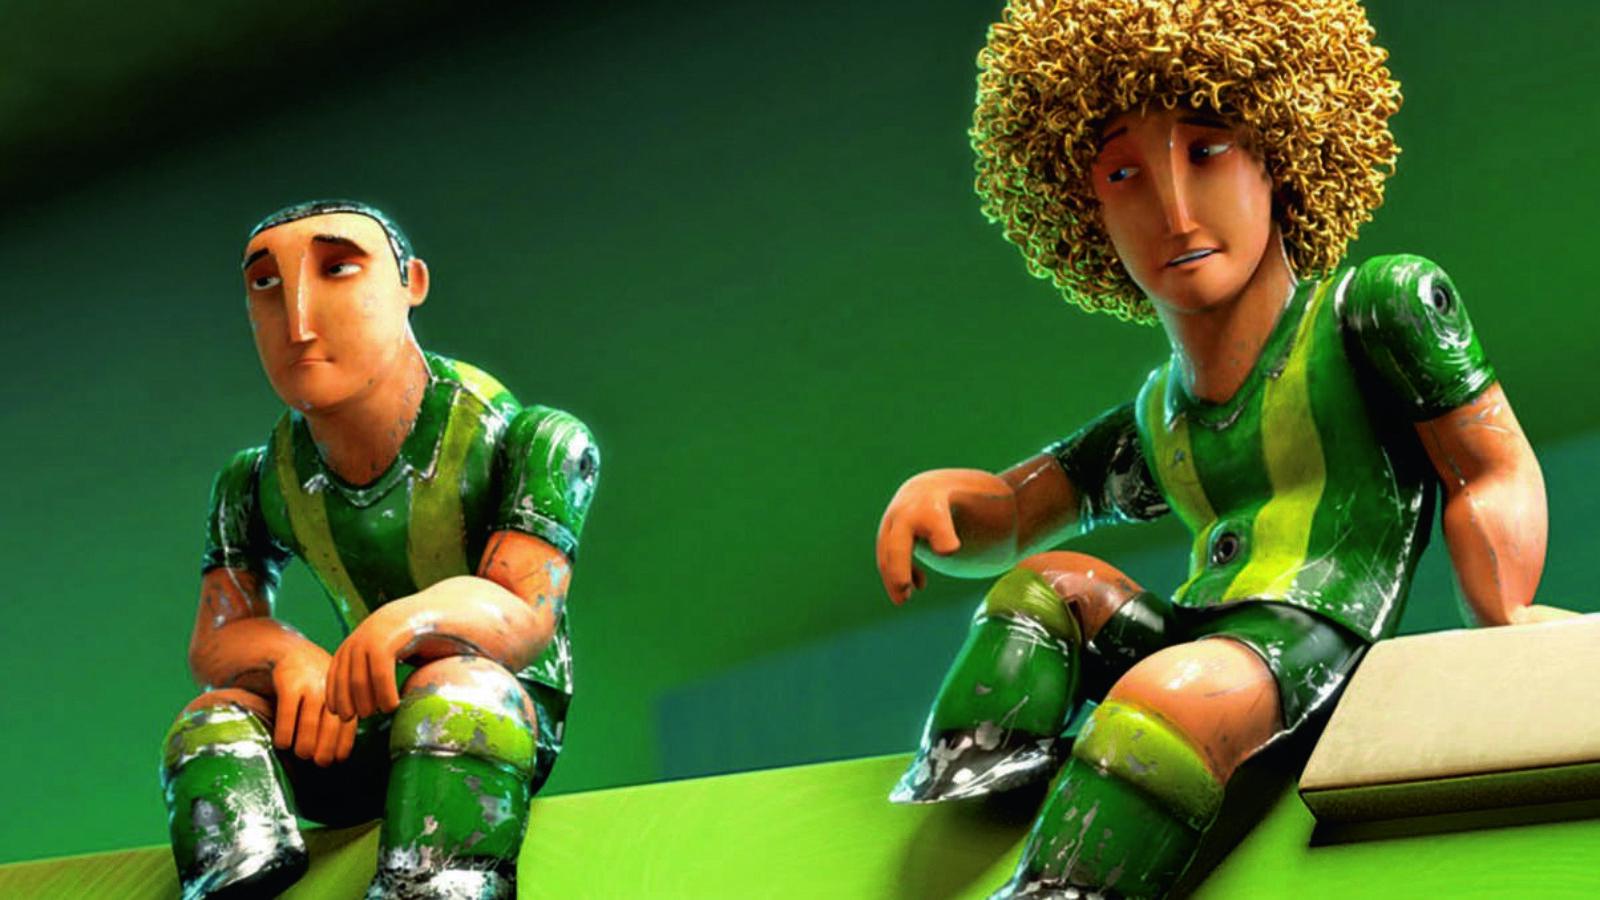 Fußball – Großes Spiel mit kleinen Helden [3D]